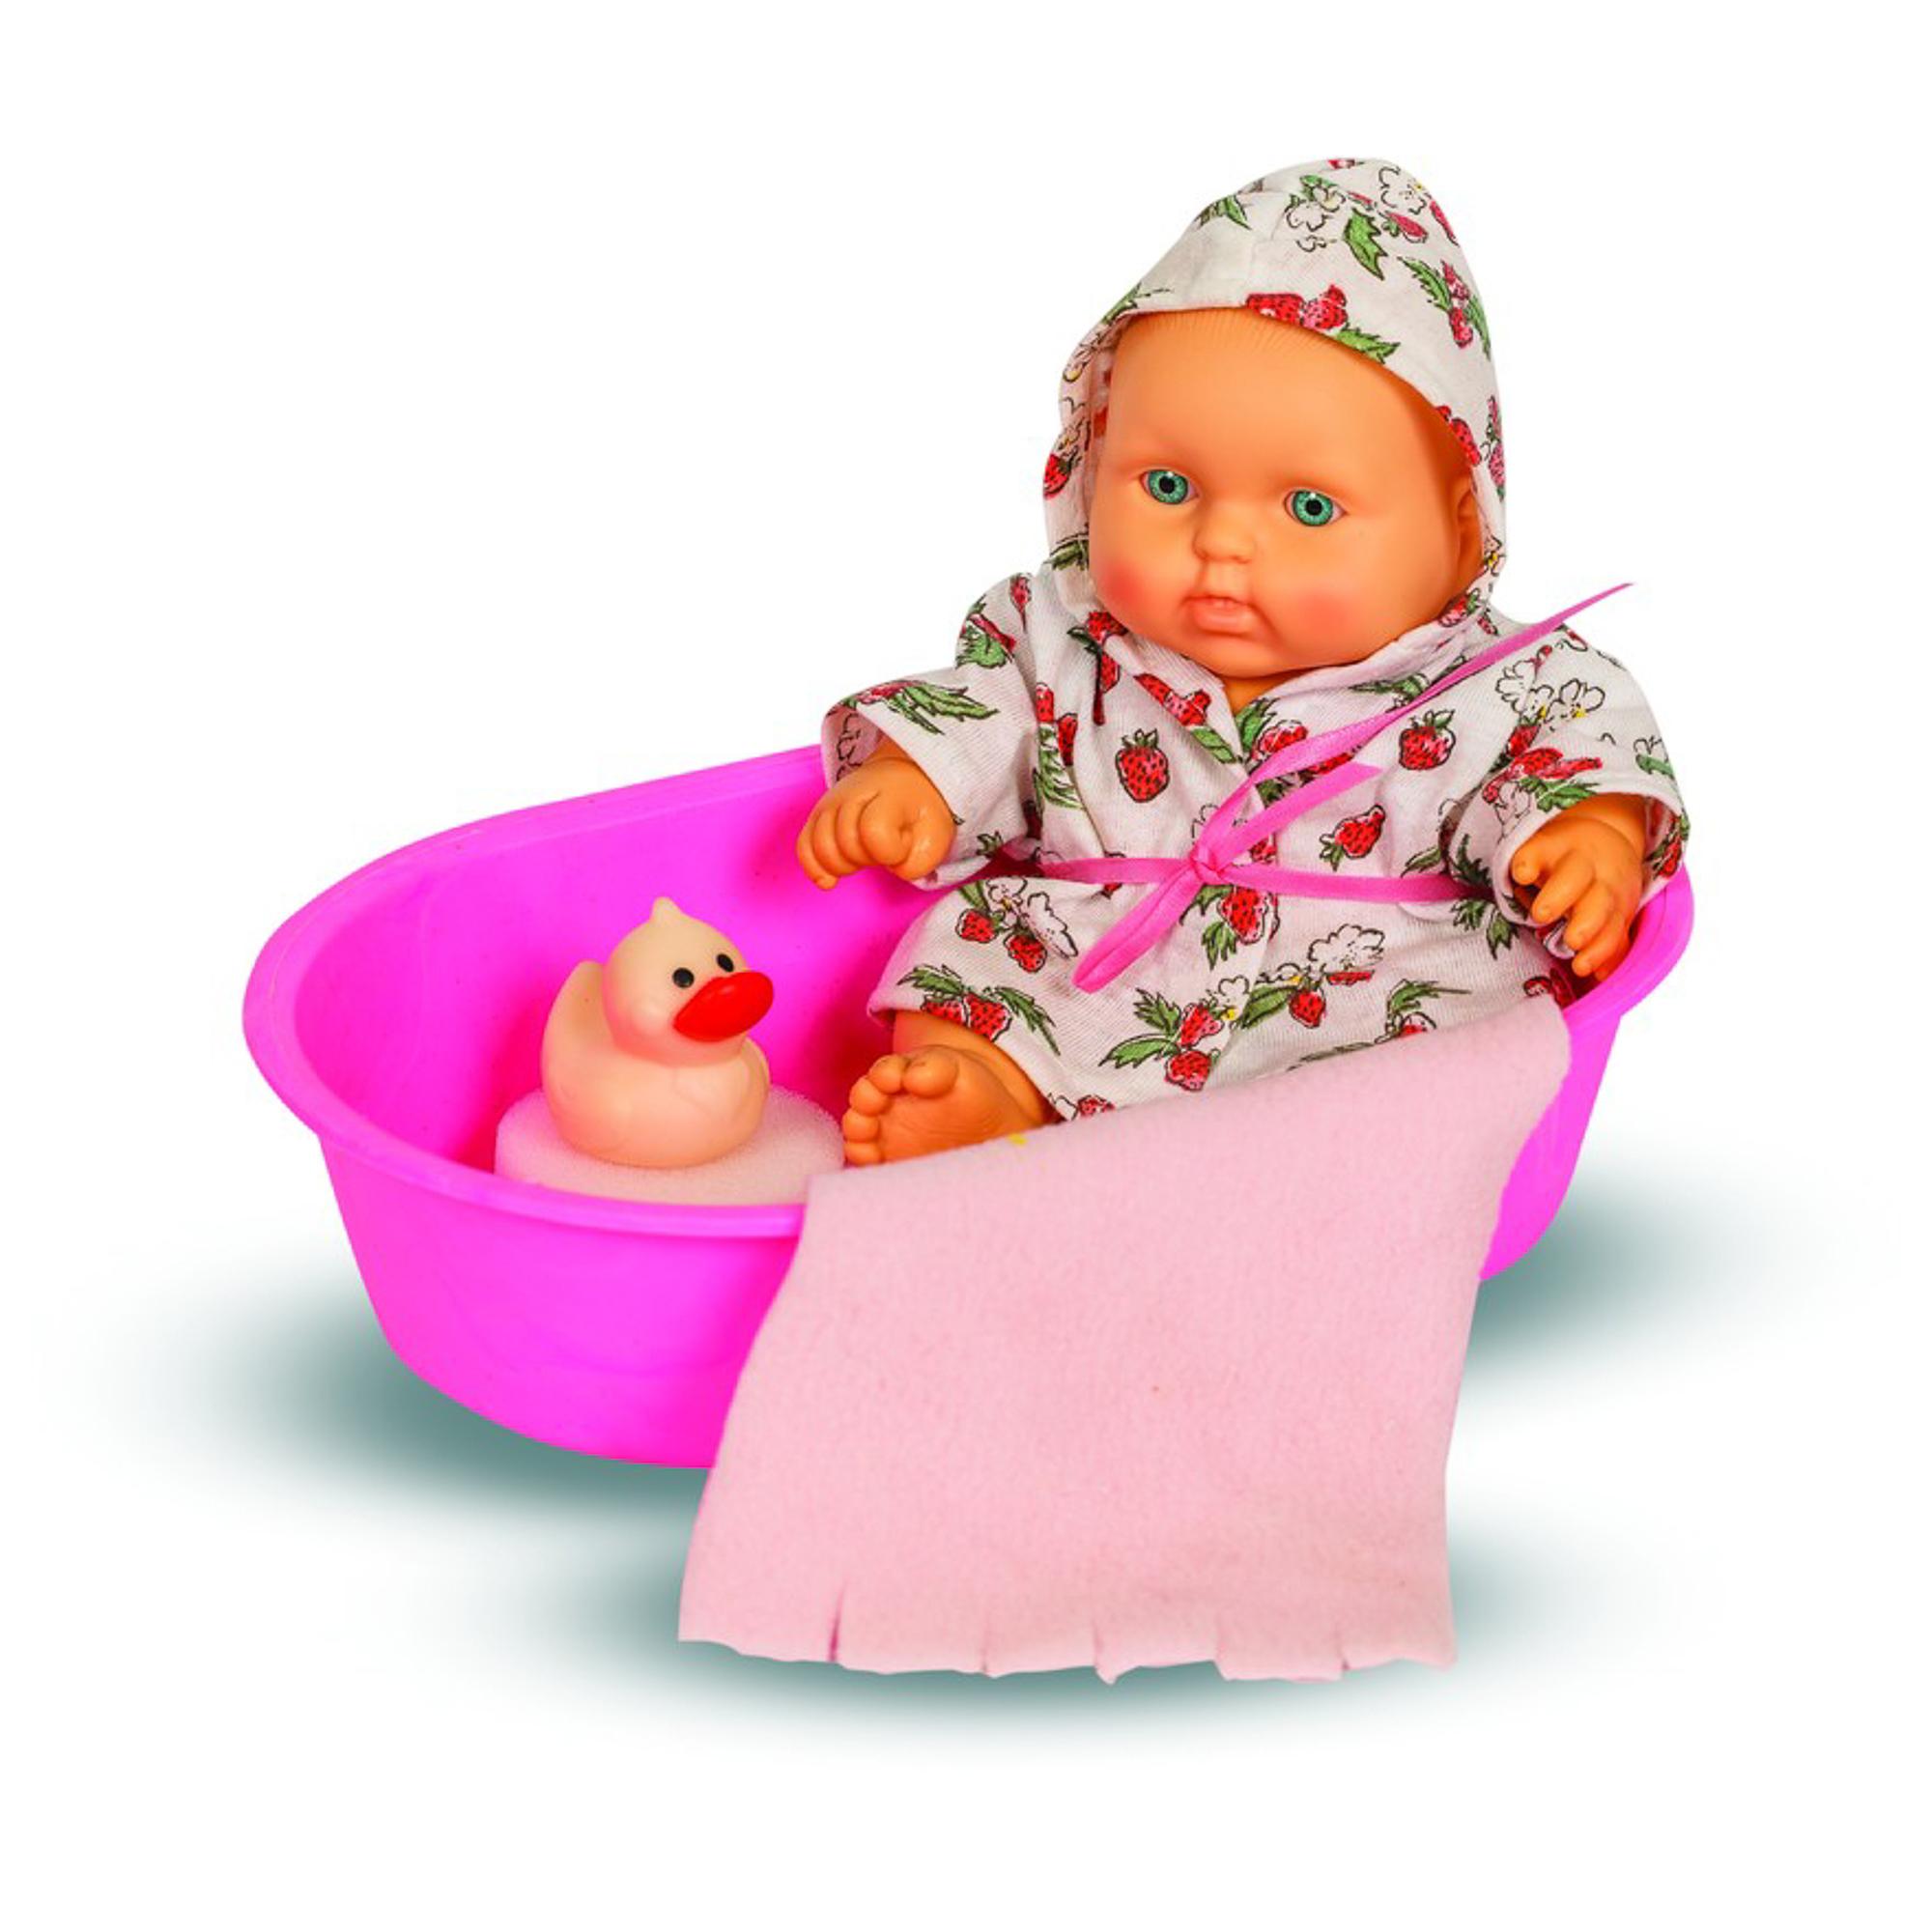 Купить Кукла набор карапуз в ванночке Весна в ассортименте, Россия, Куклы и пупсы